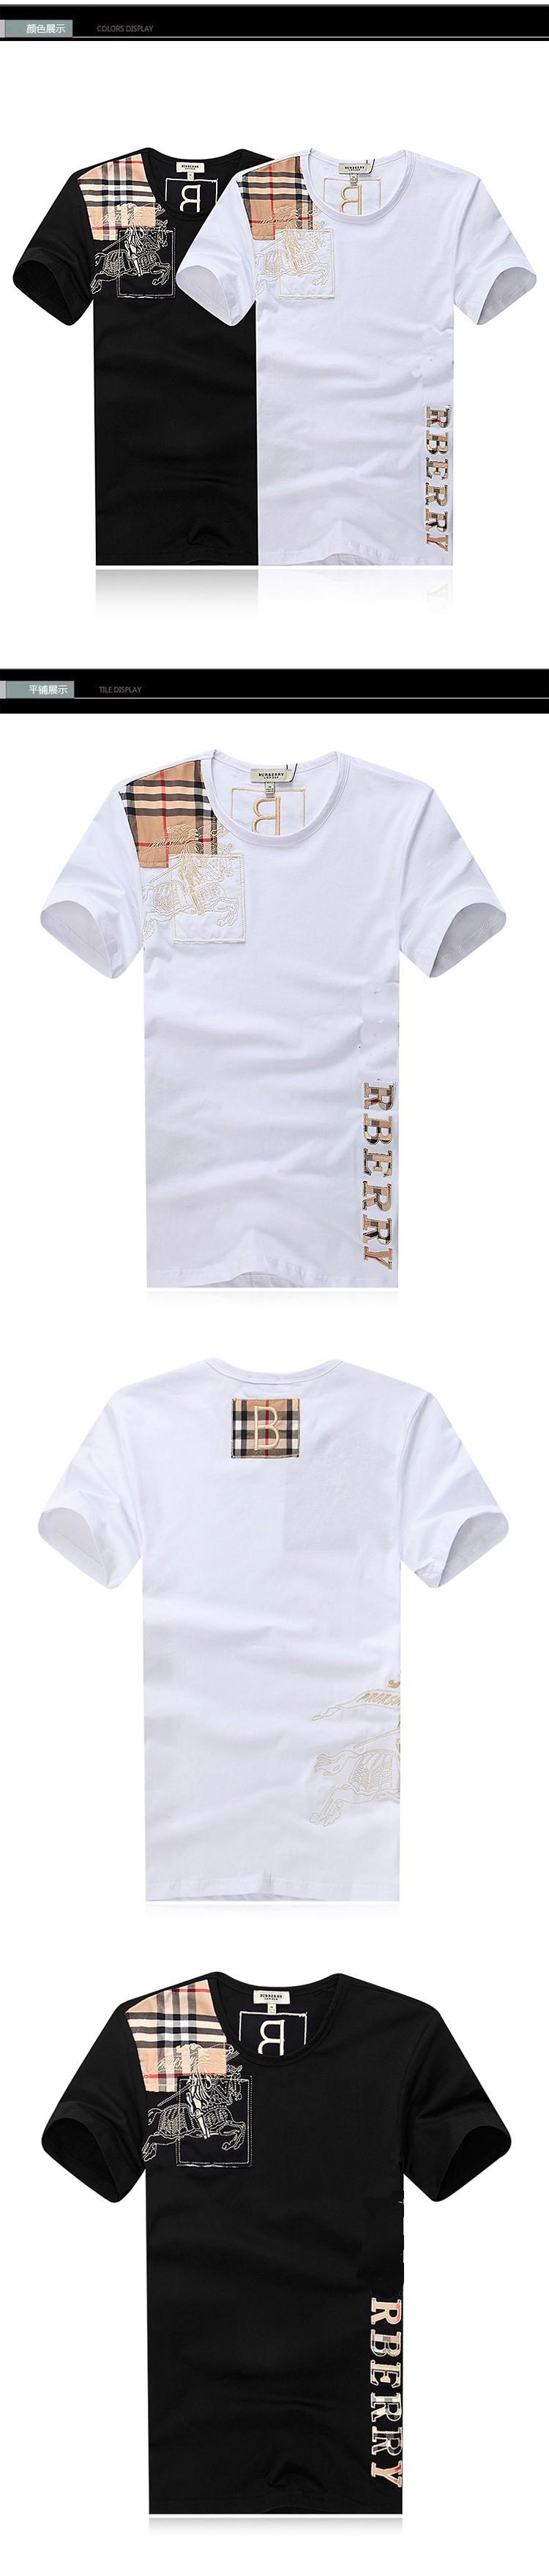 бесплатная доставка британский о-образным шеи стиль с коротким рукавом 100 хлопок футболки вышивка мужчины майка большой размер XXXL осенняя.Размер 4xl